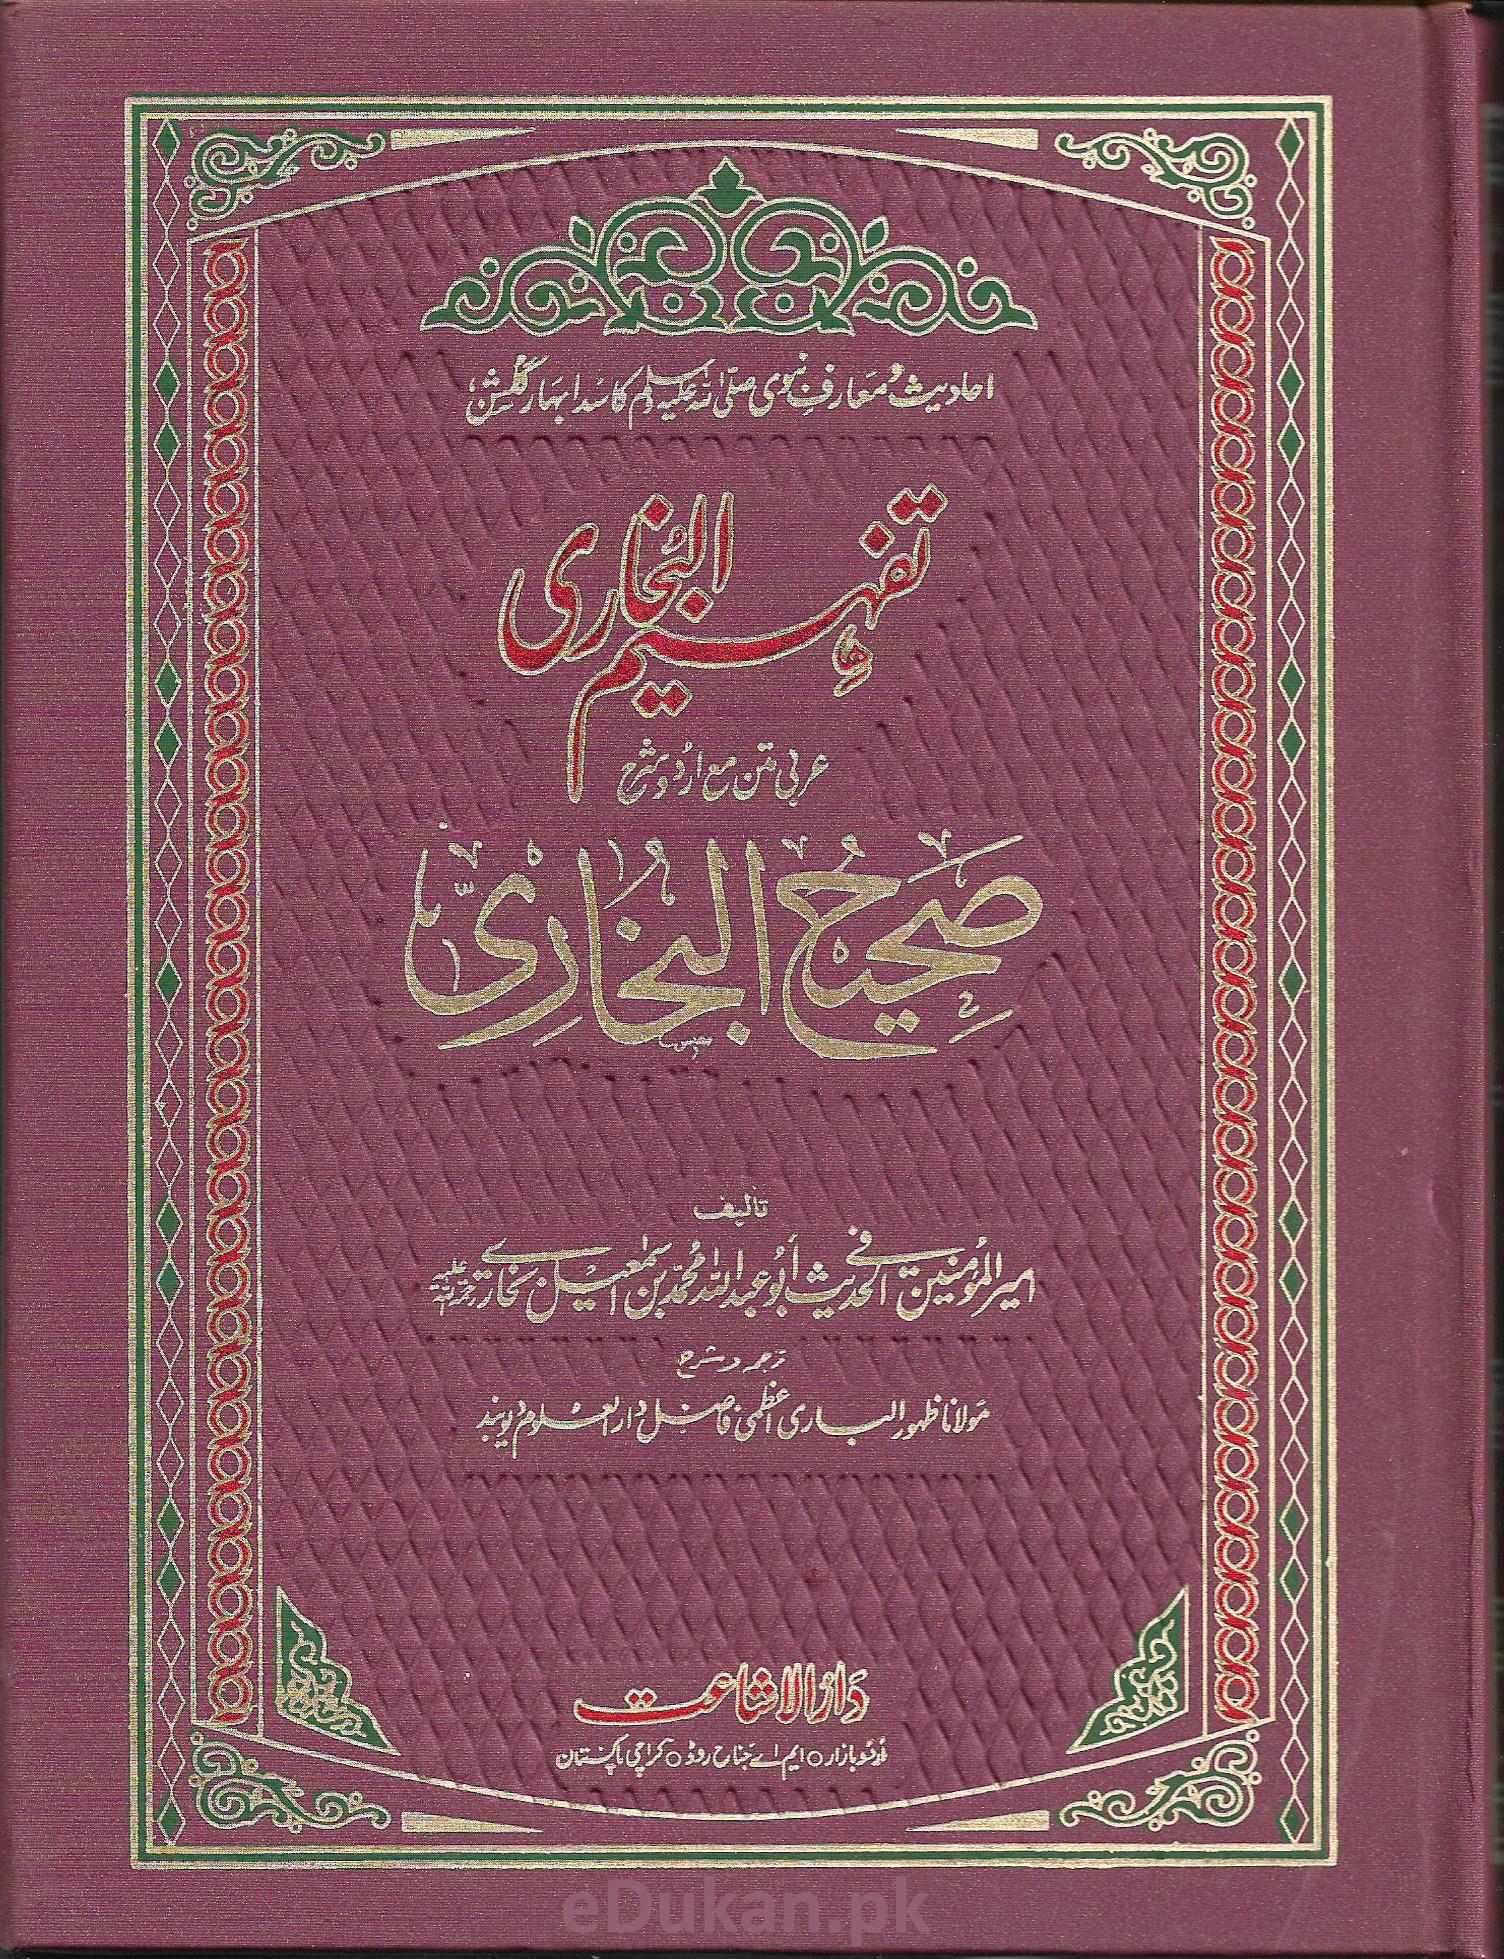 Writer Imam Muhammad Bin Ismail Bukhari